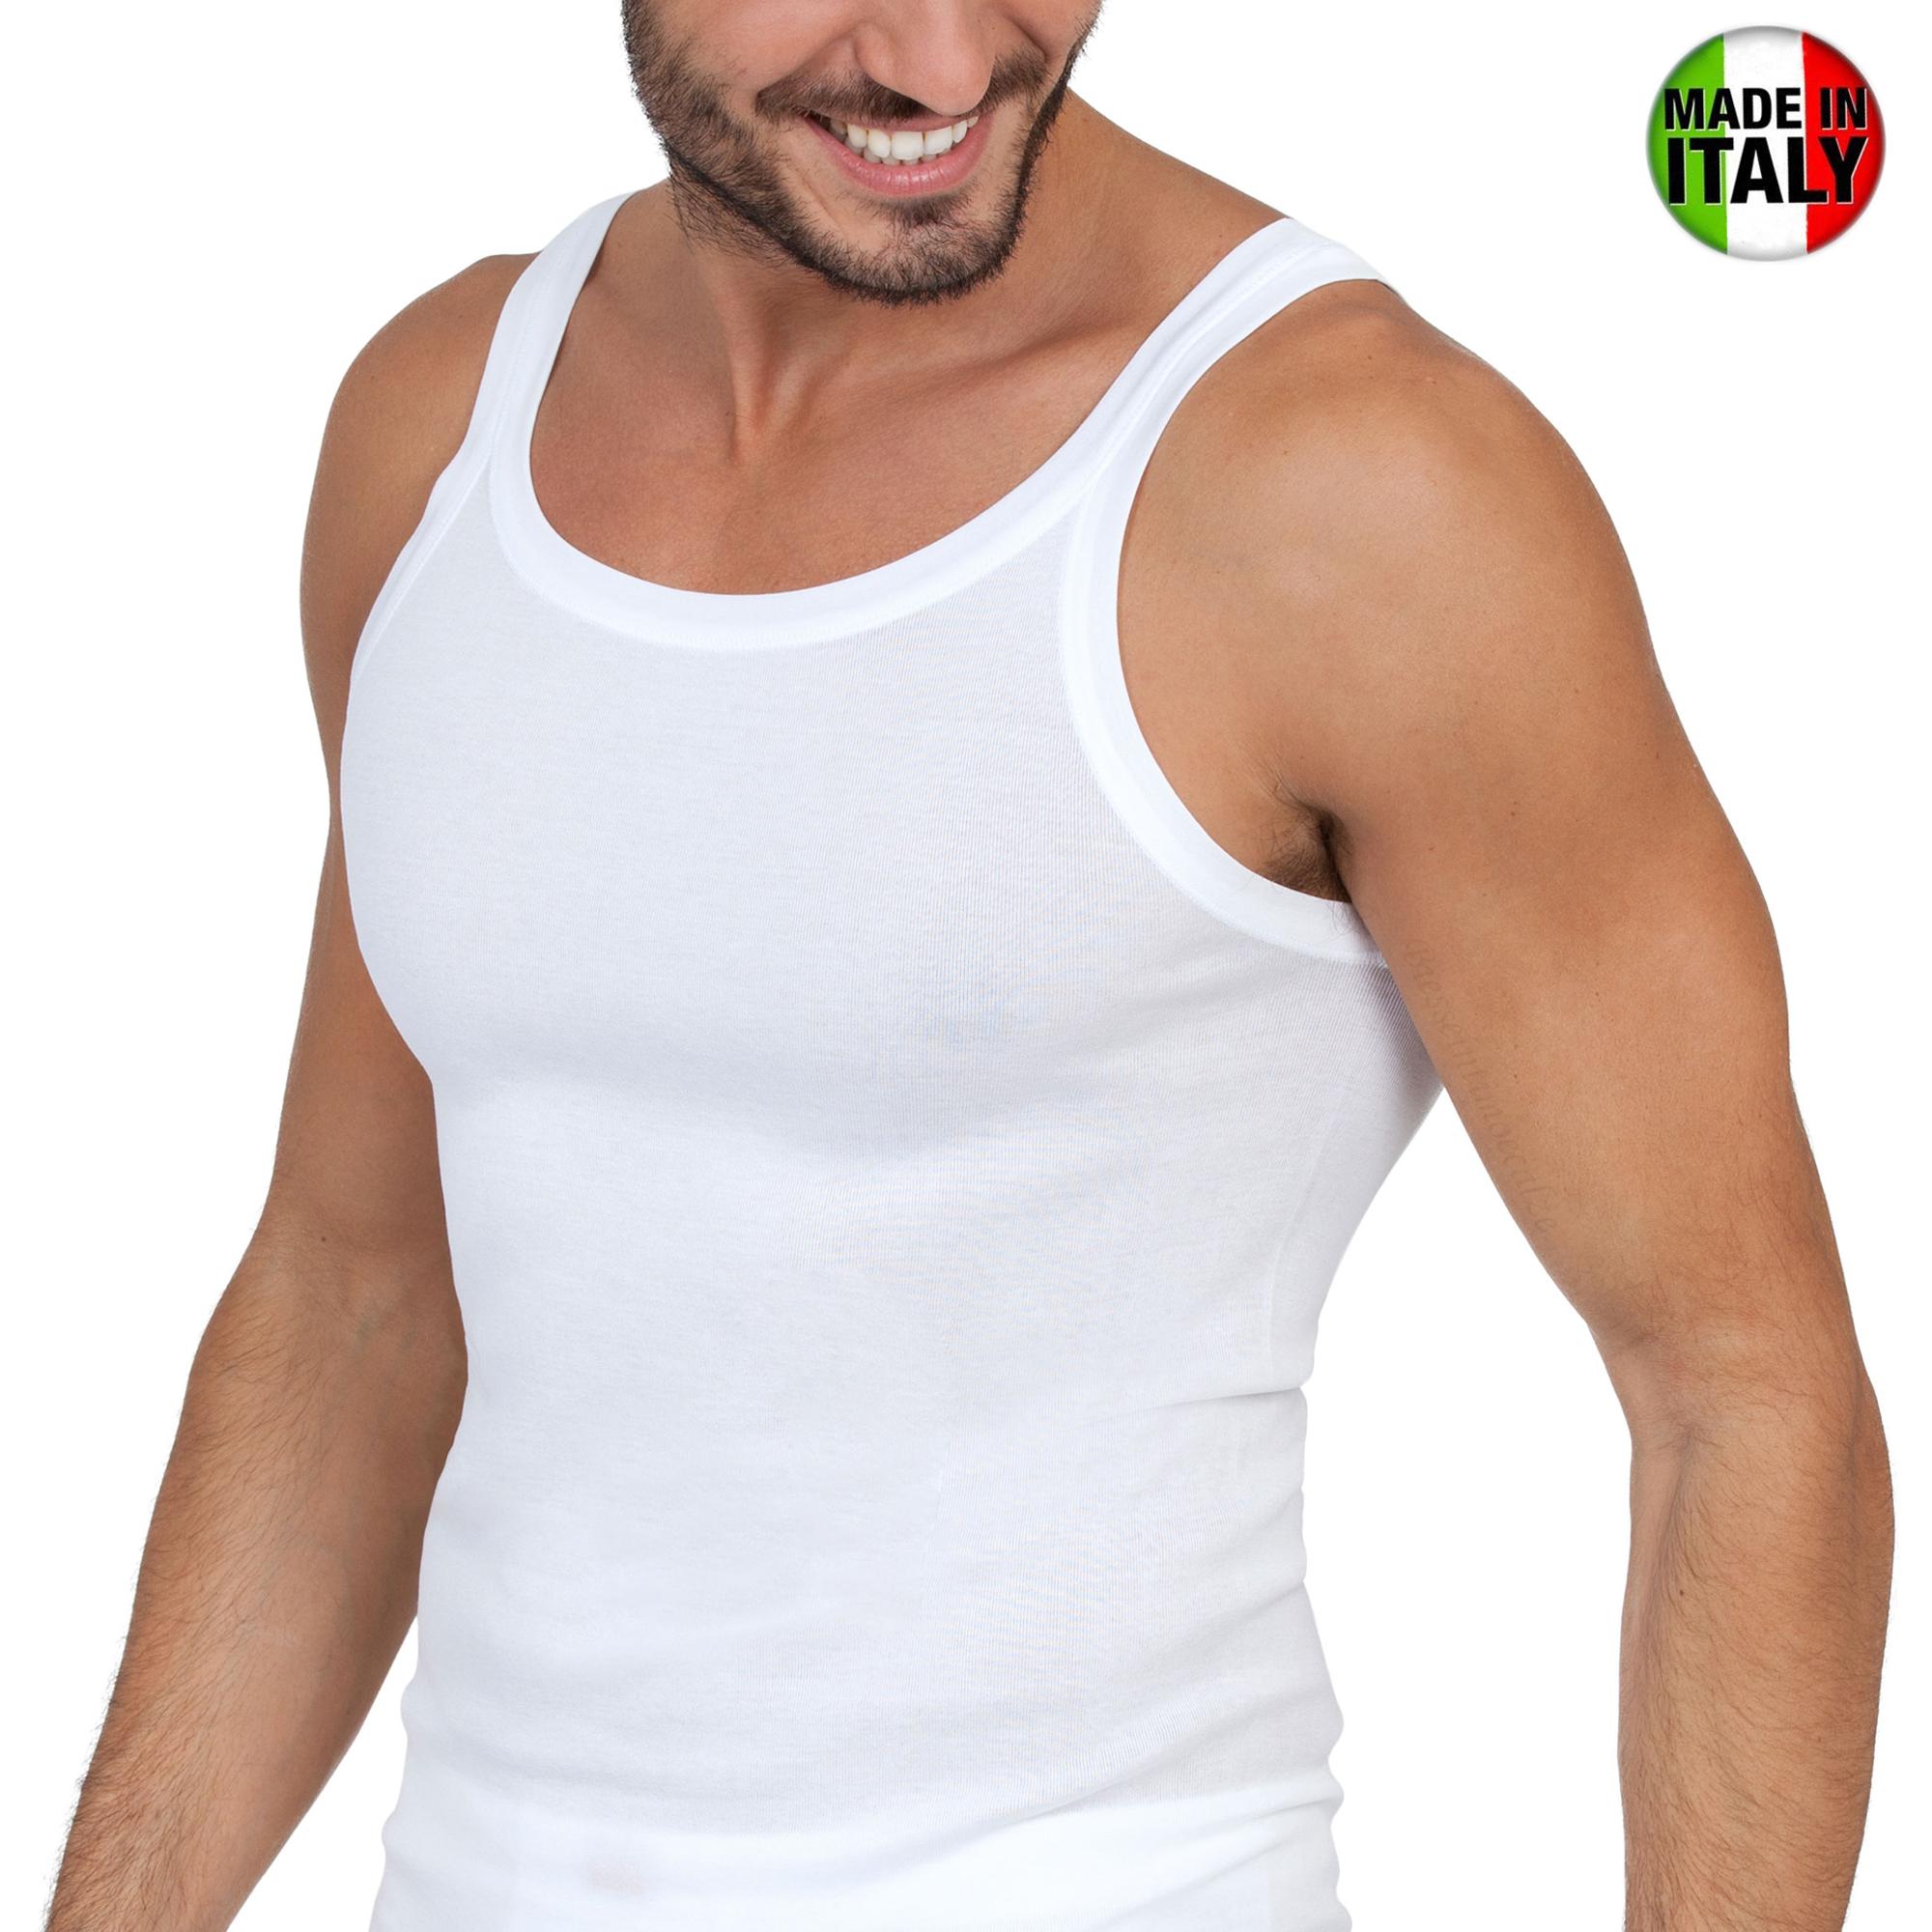 3pz canottiera uomo intima 100/%cotone made italy costine spalla stretta bianco